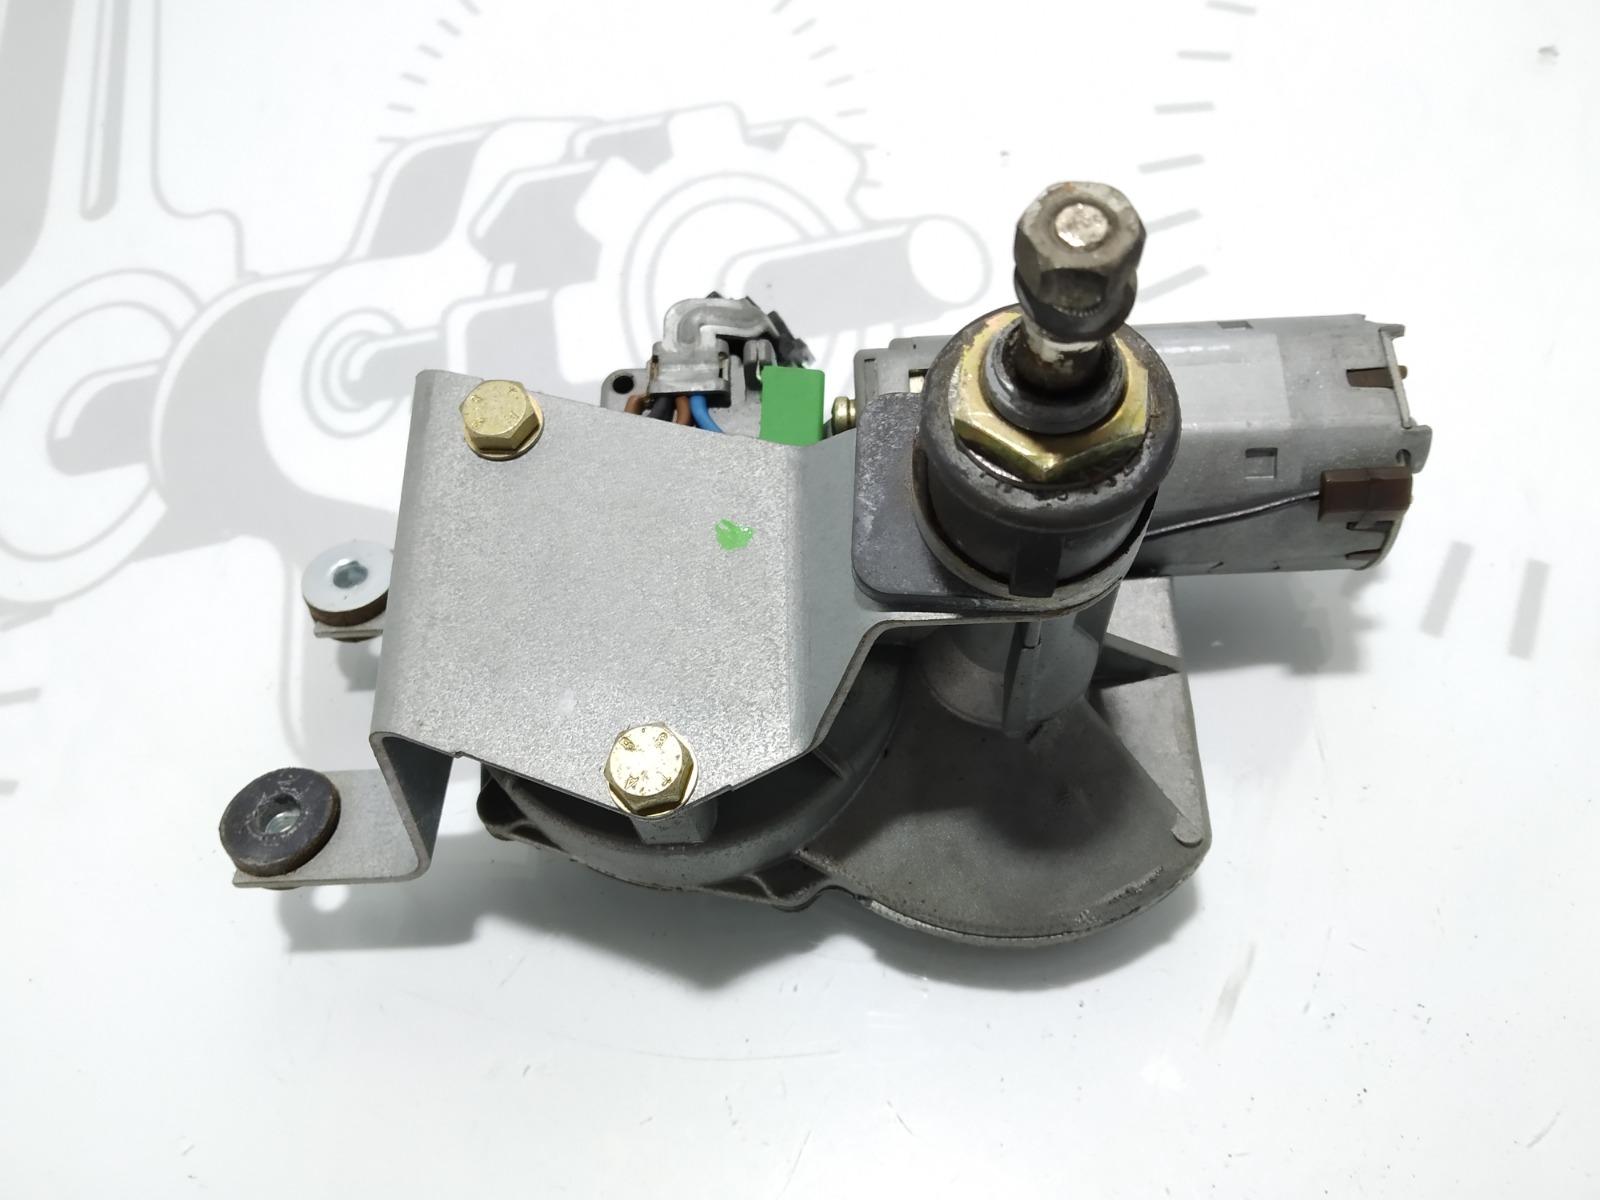 Моторчик заднего стеклоочистителя (дворника) Opel Vectra B 1.8 I 1999 (б/у)